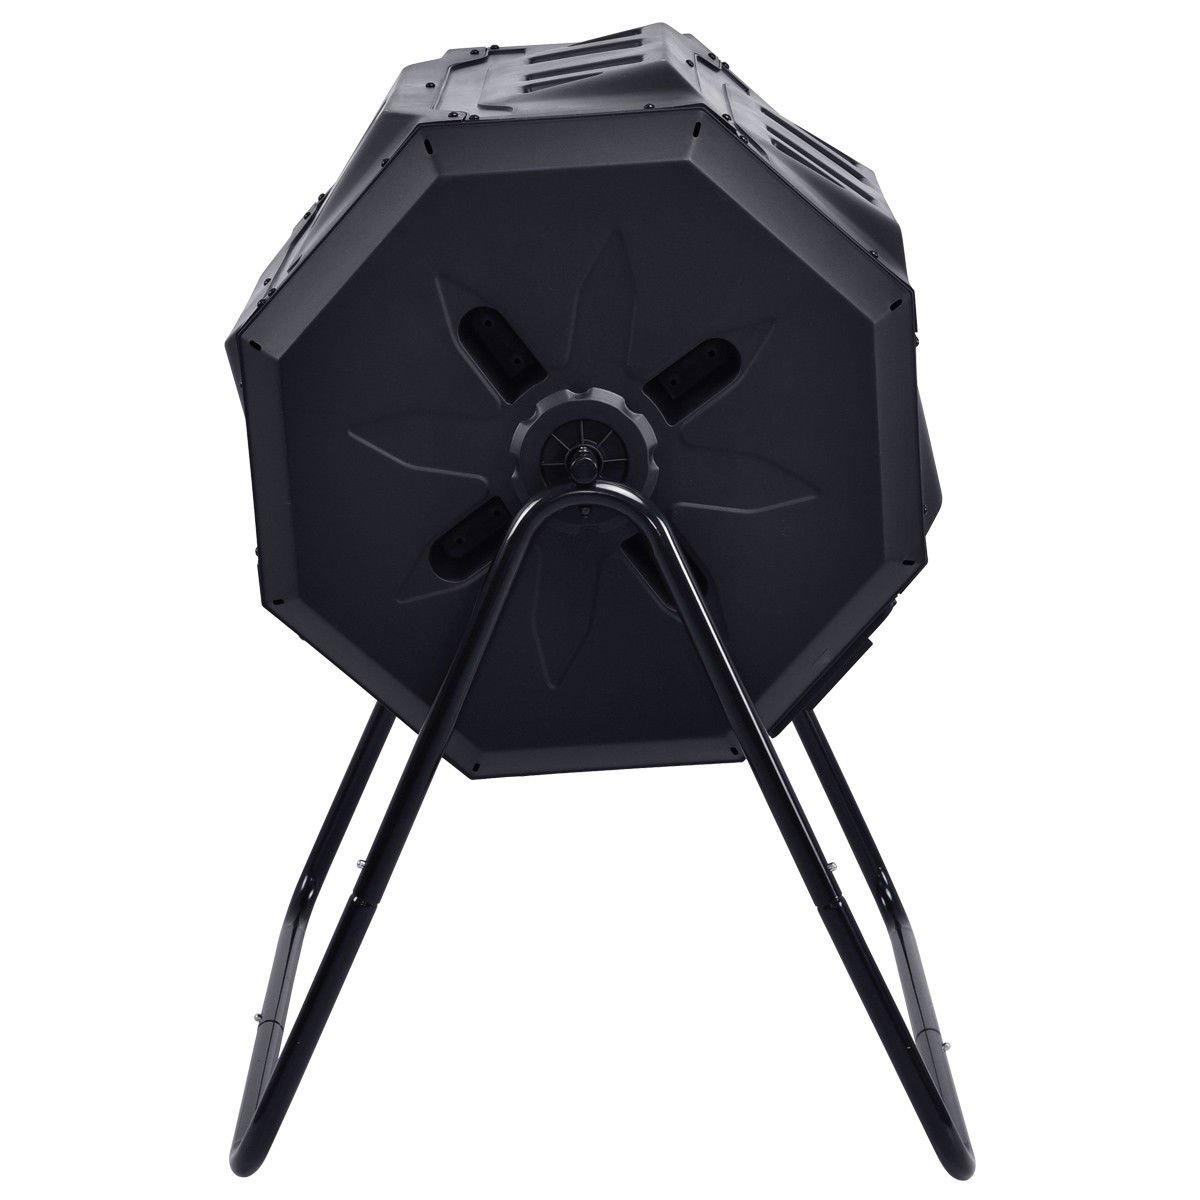 GOPLUS Compost Vaso 42-Gallon Doble cámara al Aire Libre jardín Rolling Compost Bin Negro: Amazon.es: Jardín